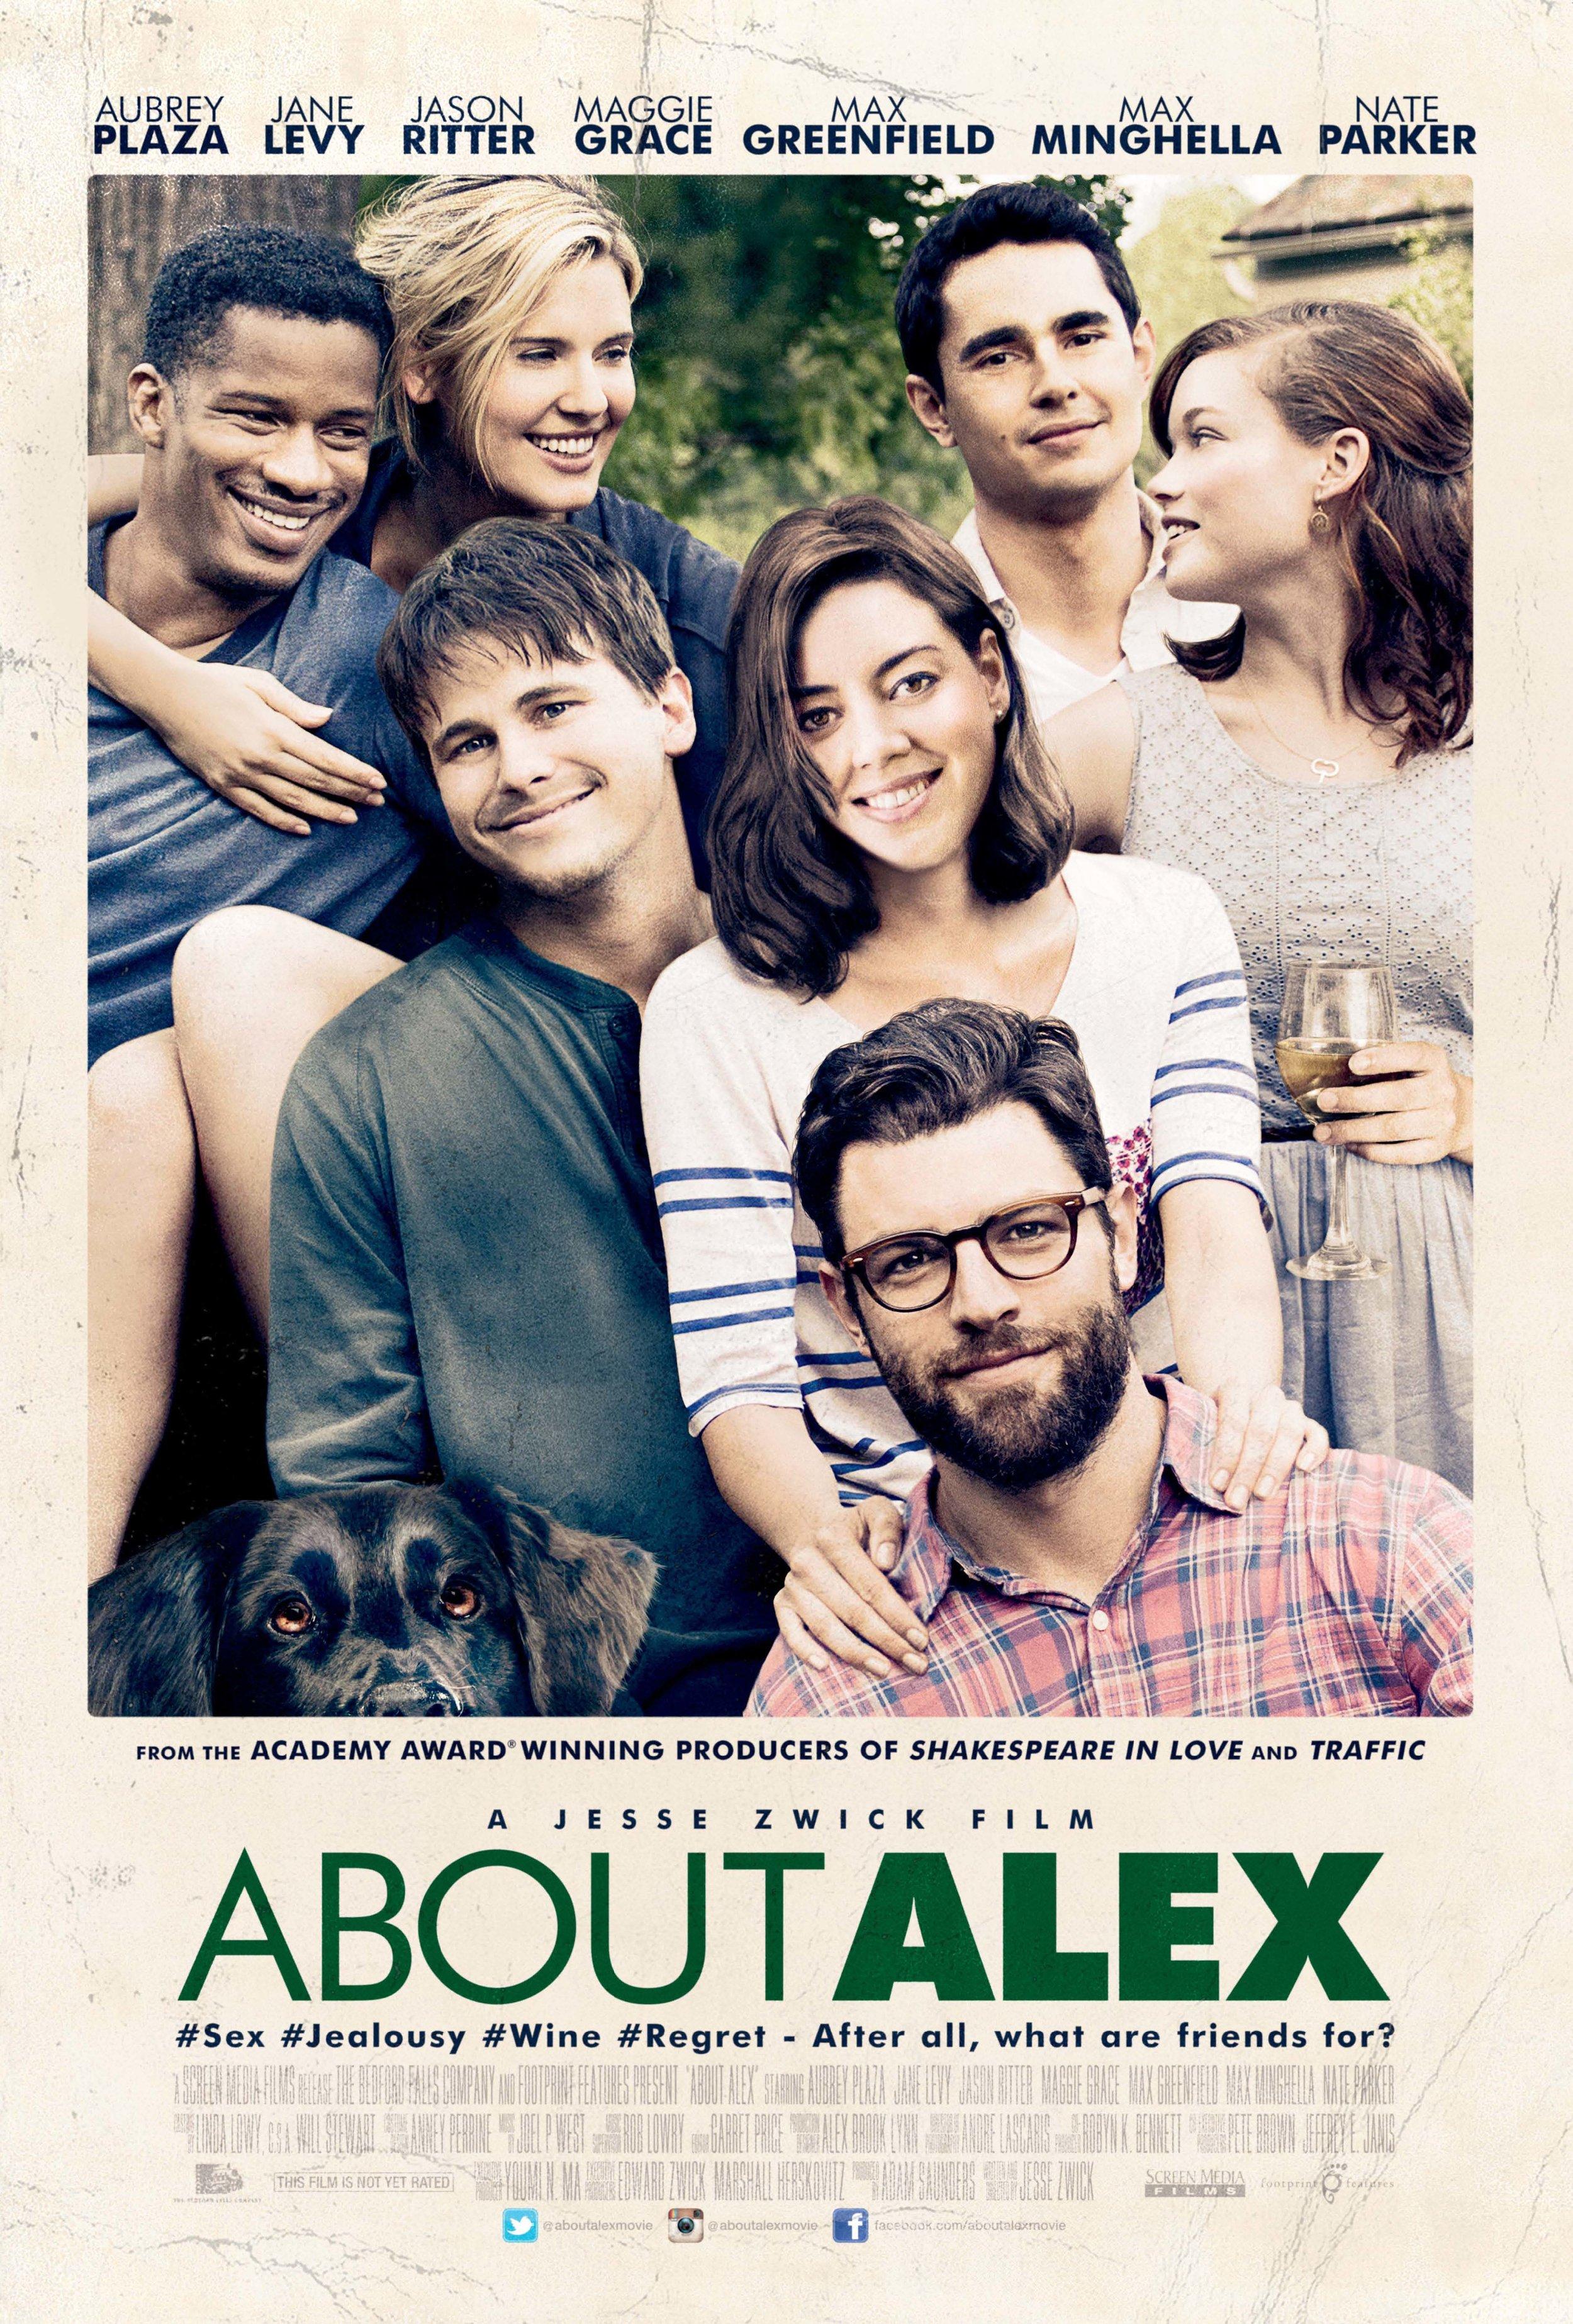 About Alex.jpg